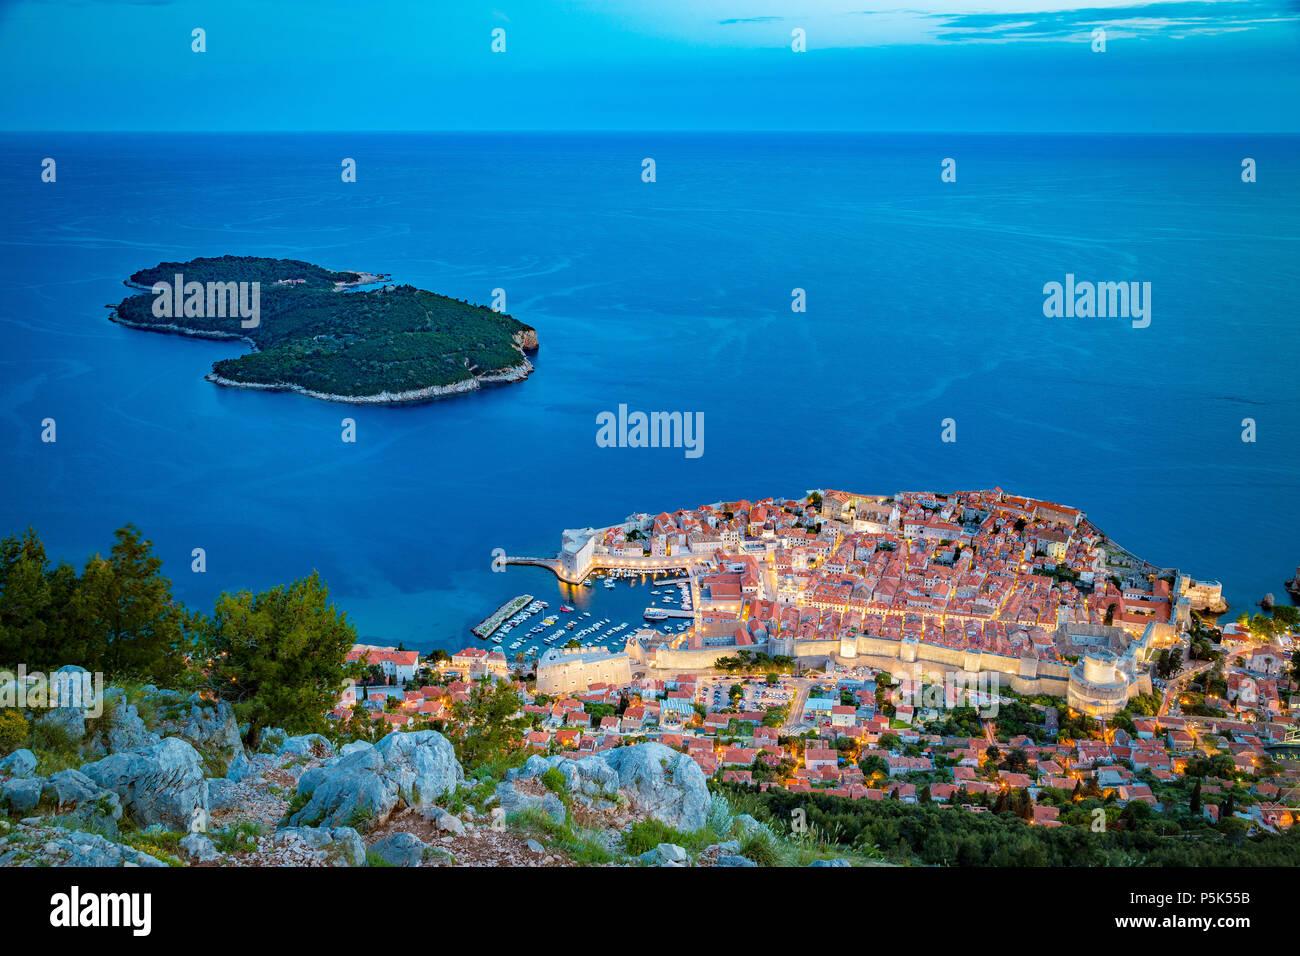 Vista aérea panorámica de la histórica ciudad de Dubrovnik con Lokrum Island en el hermoso crepúsculo vespertino al anochecer, Dalmacia, Croacia Foto de stock